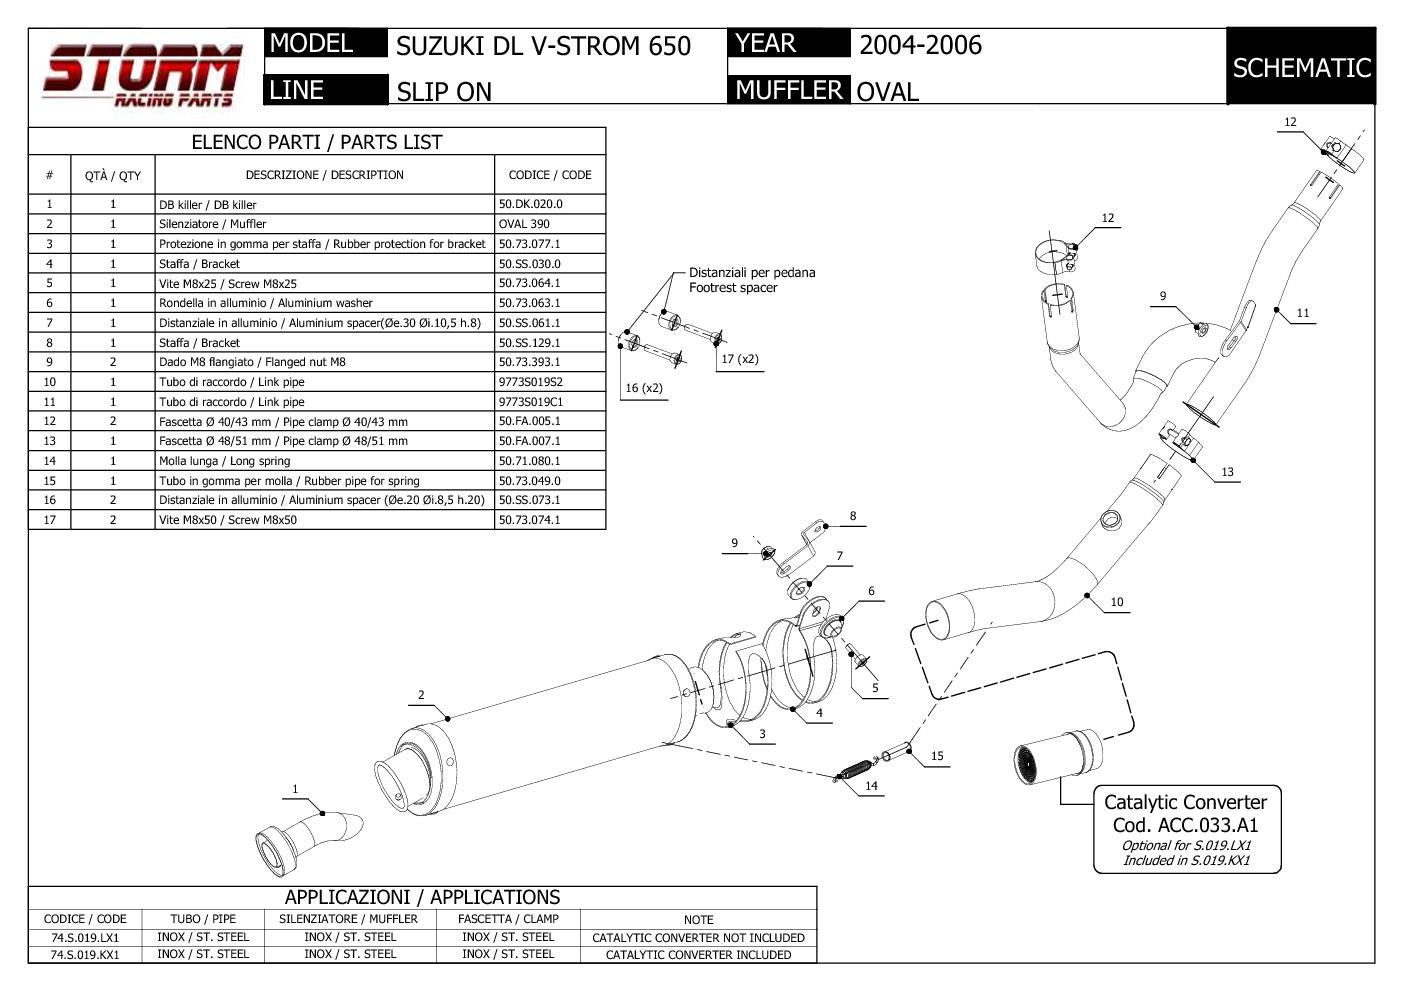 Exhaust Storm by Mivv Muffler Oval Nero Steel Suzuki Dl V